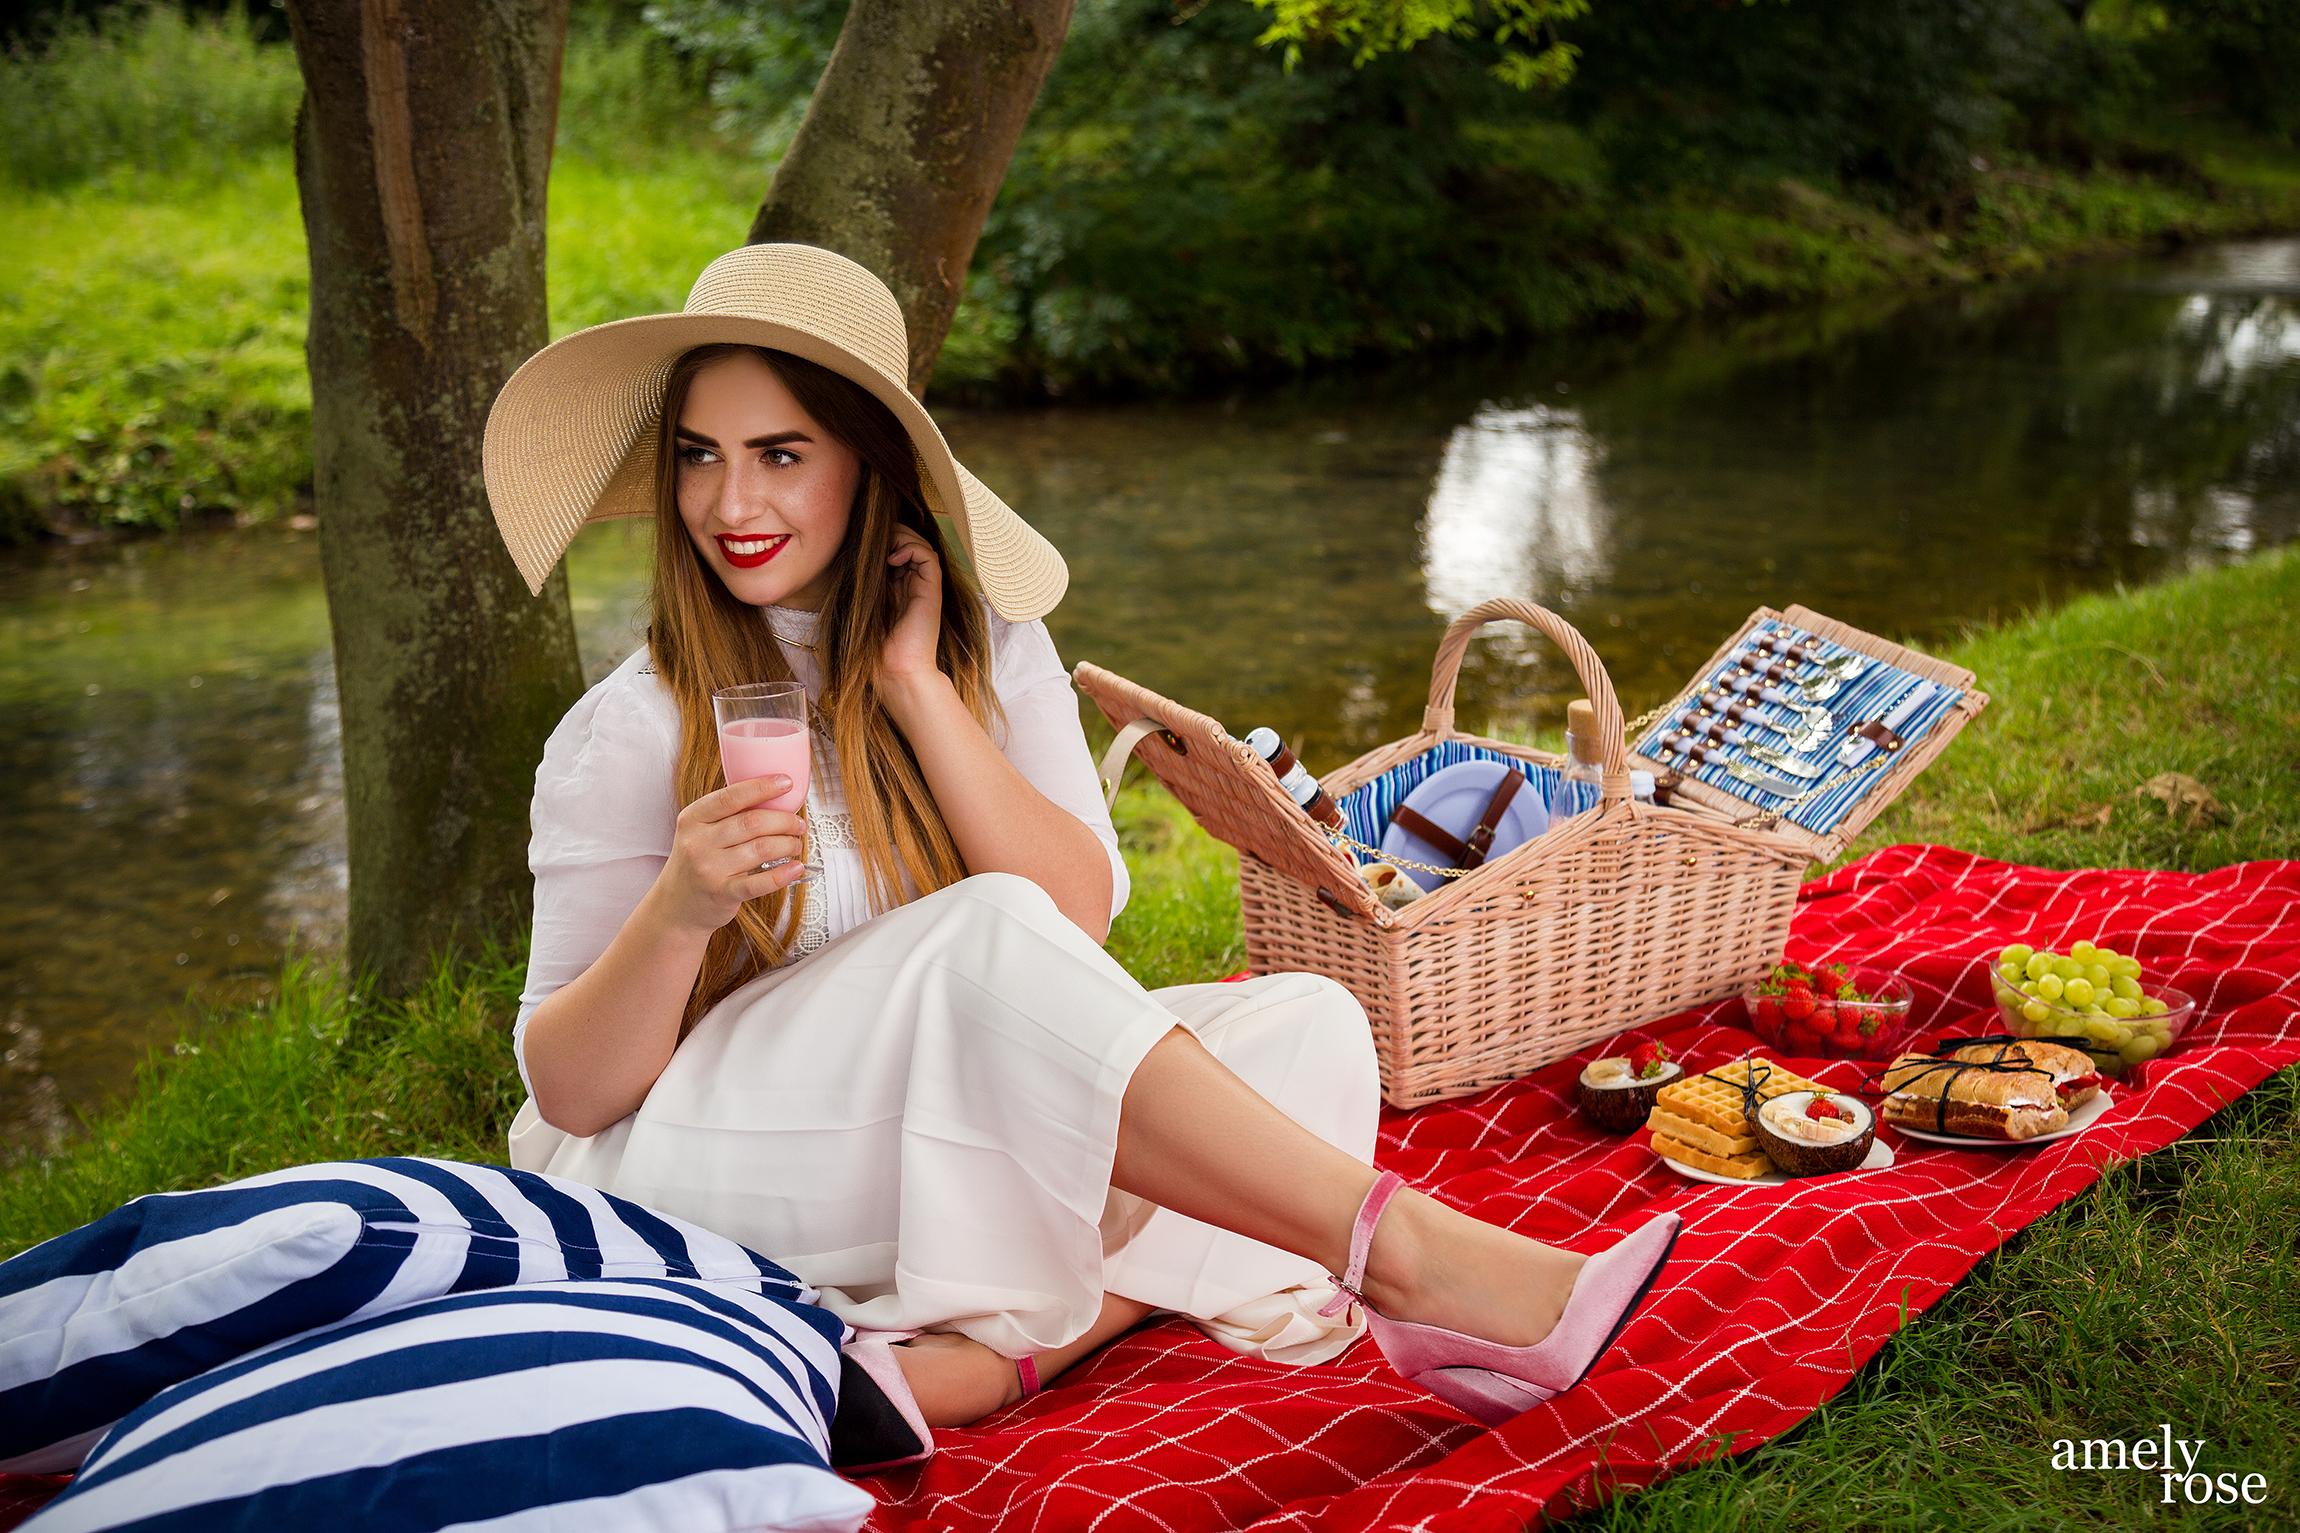 amely rose, german influencer und fashion blogger macht ein picknick im sommer mit leckeren leichten diät-rezepten